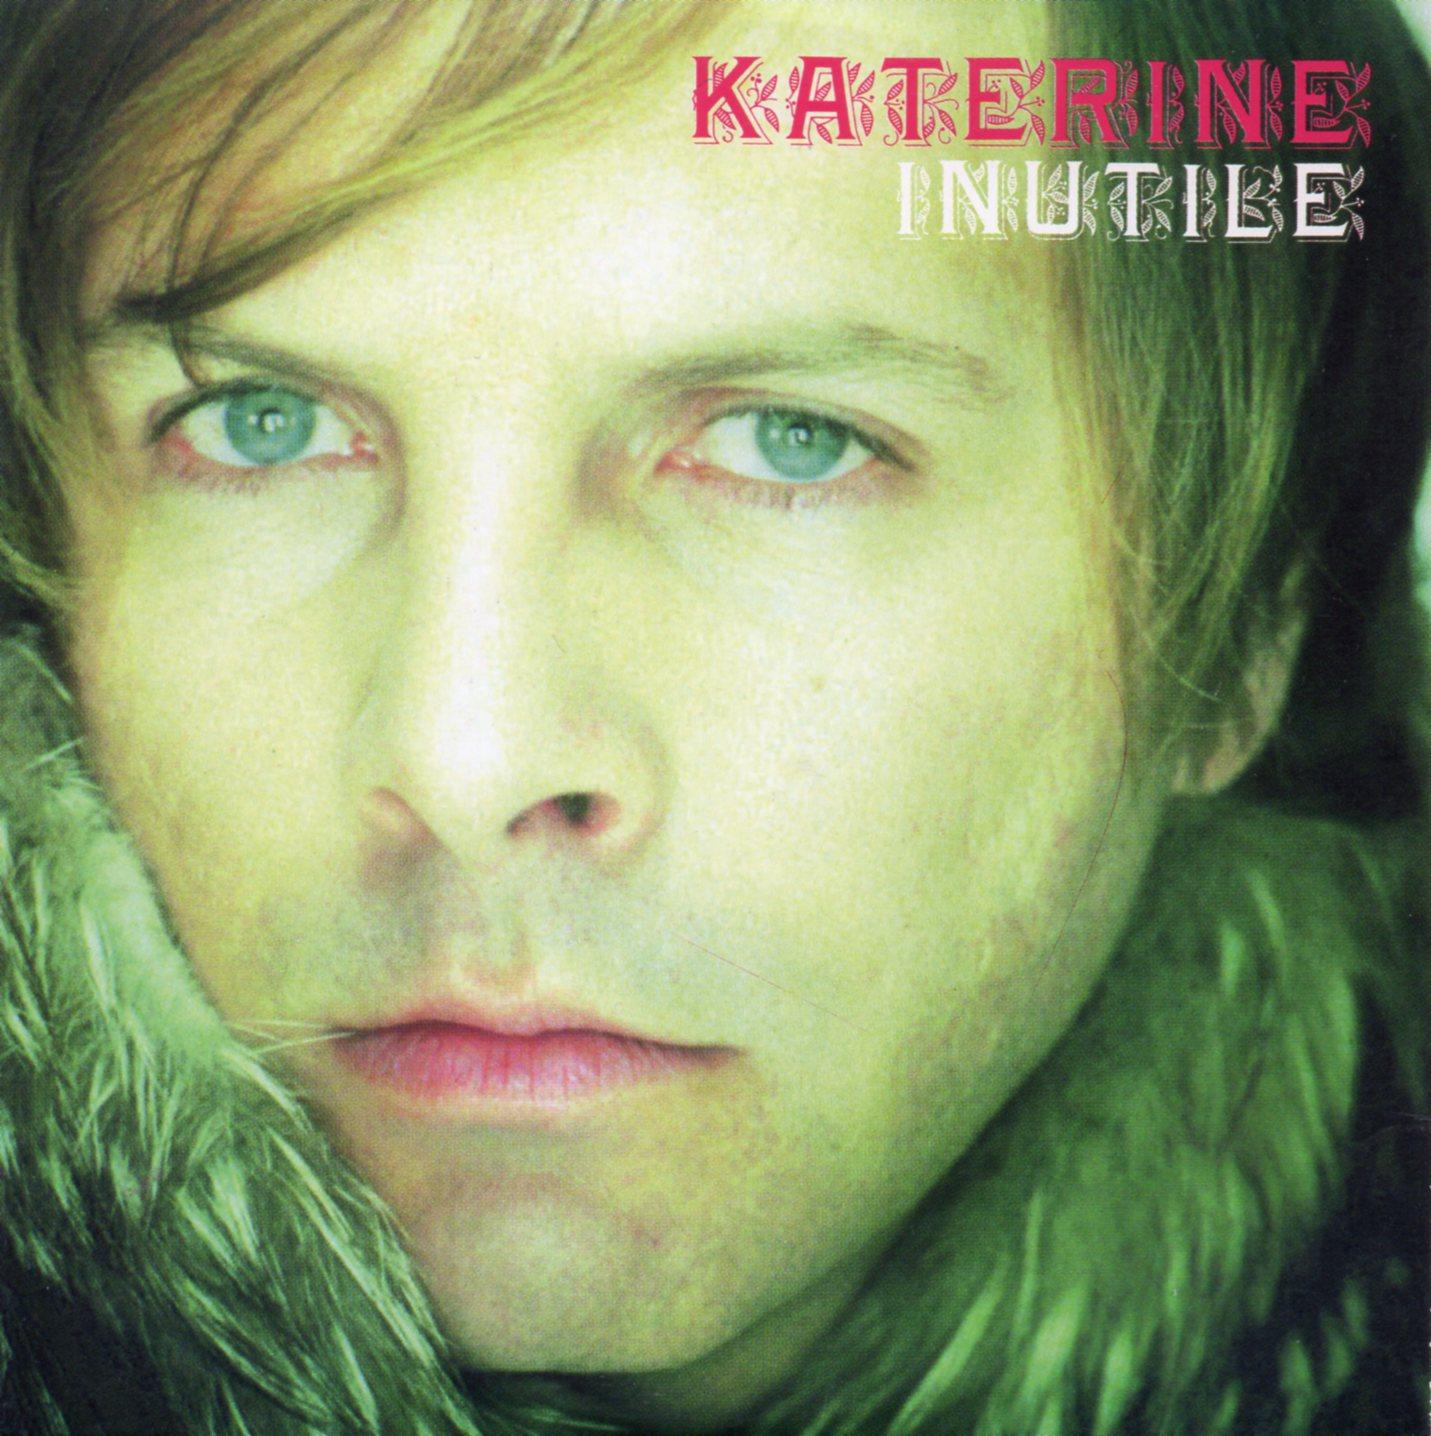 PHILIPPE KATERINE - Inutile 2-track CARD SLEEVE - CD single